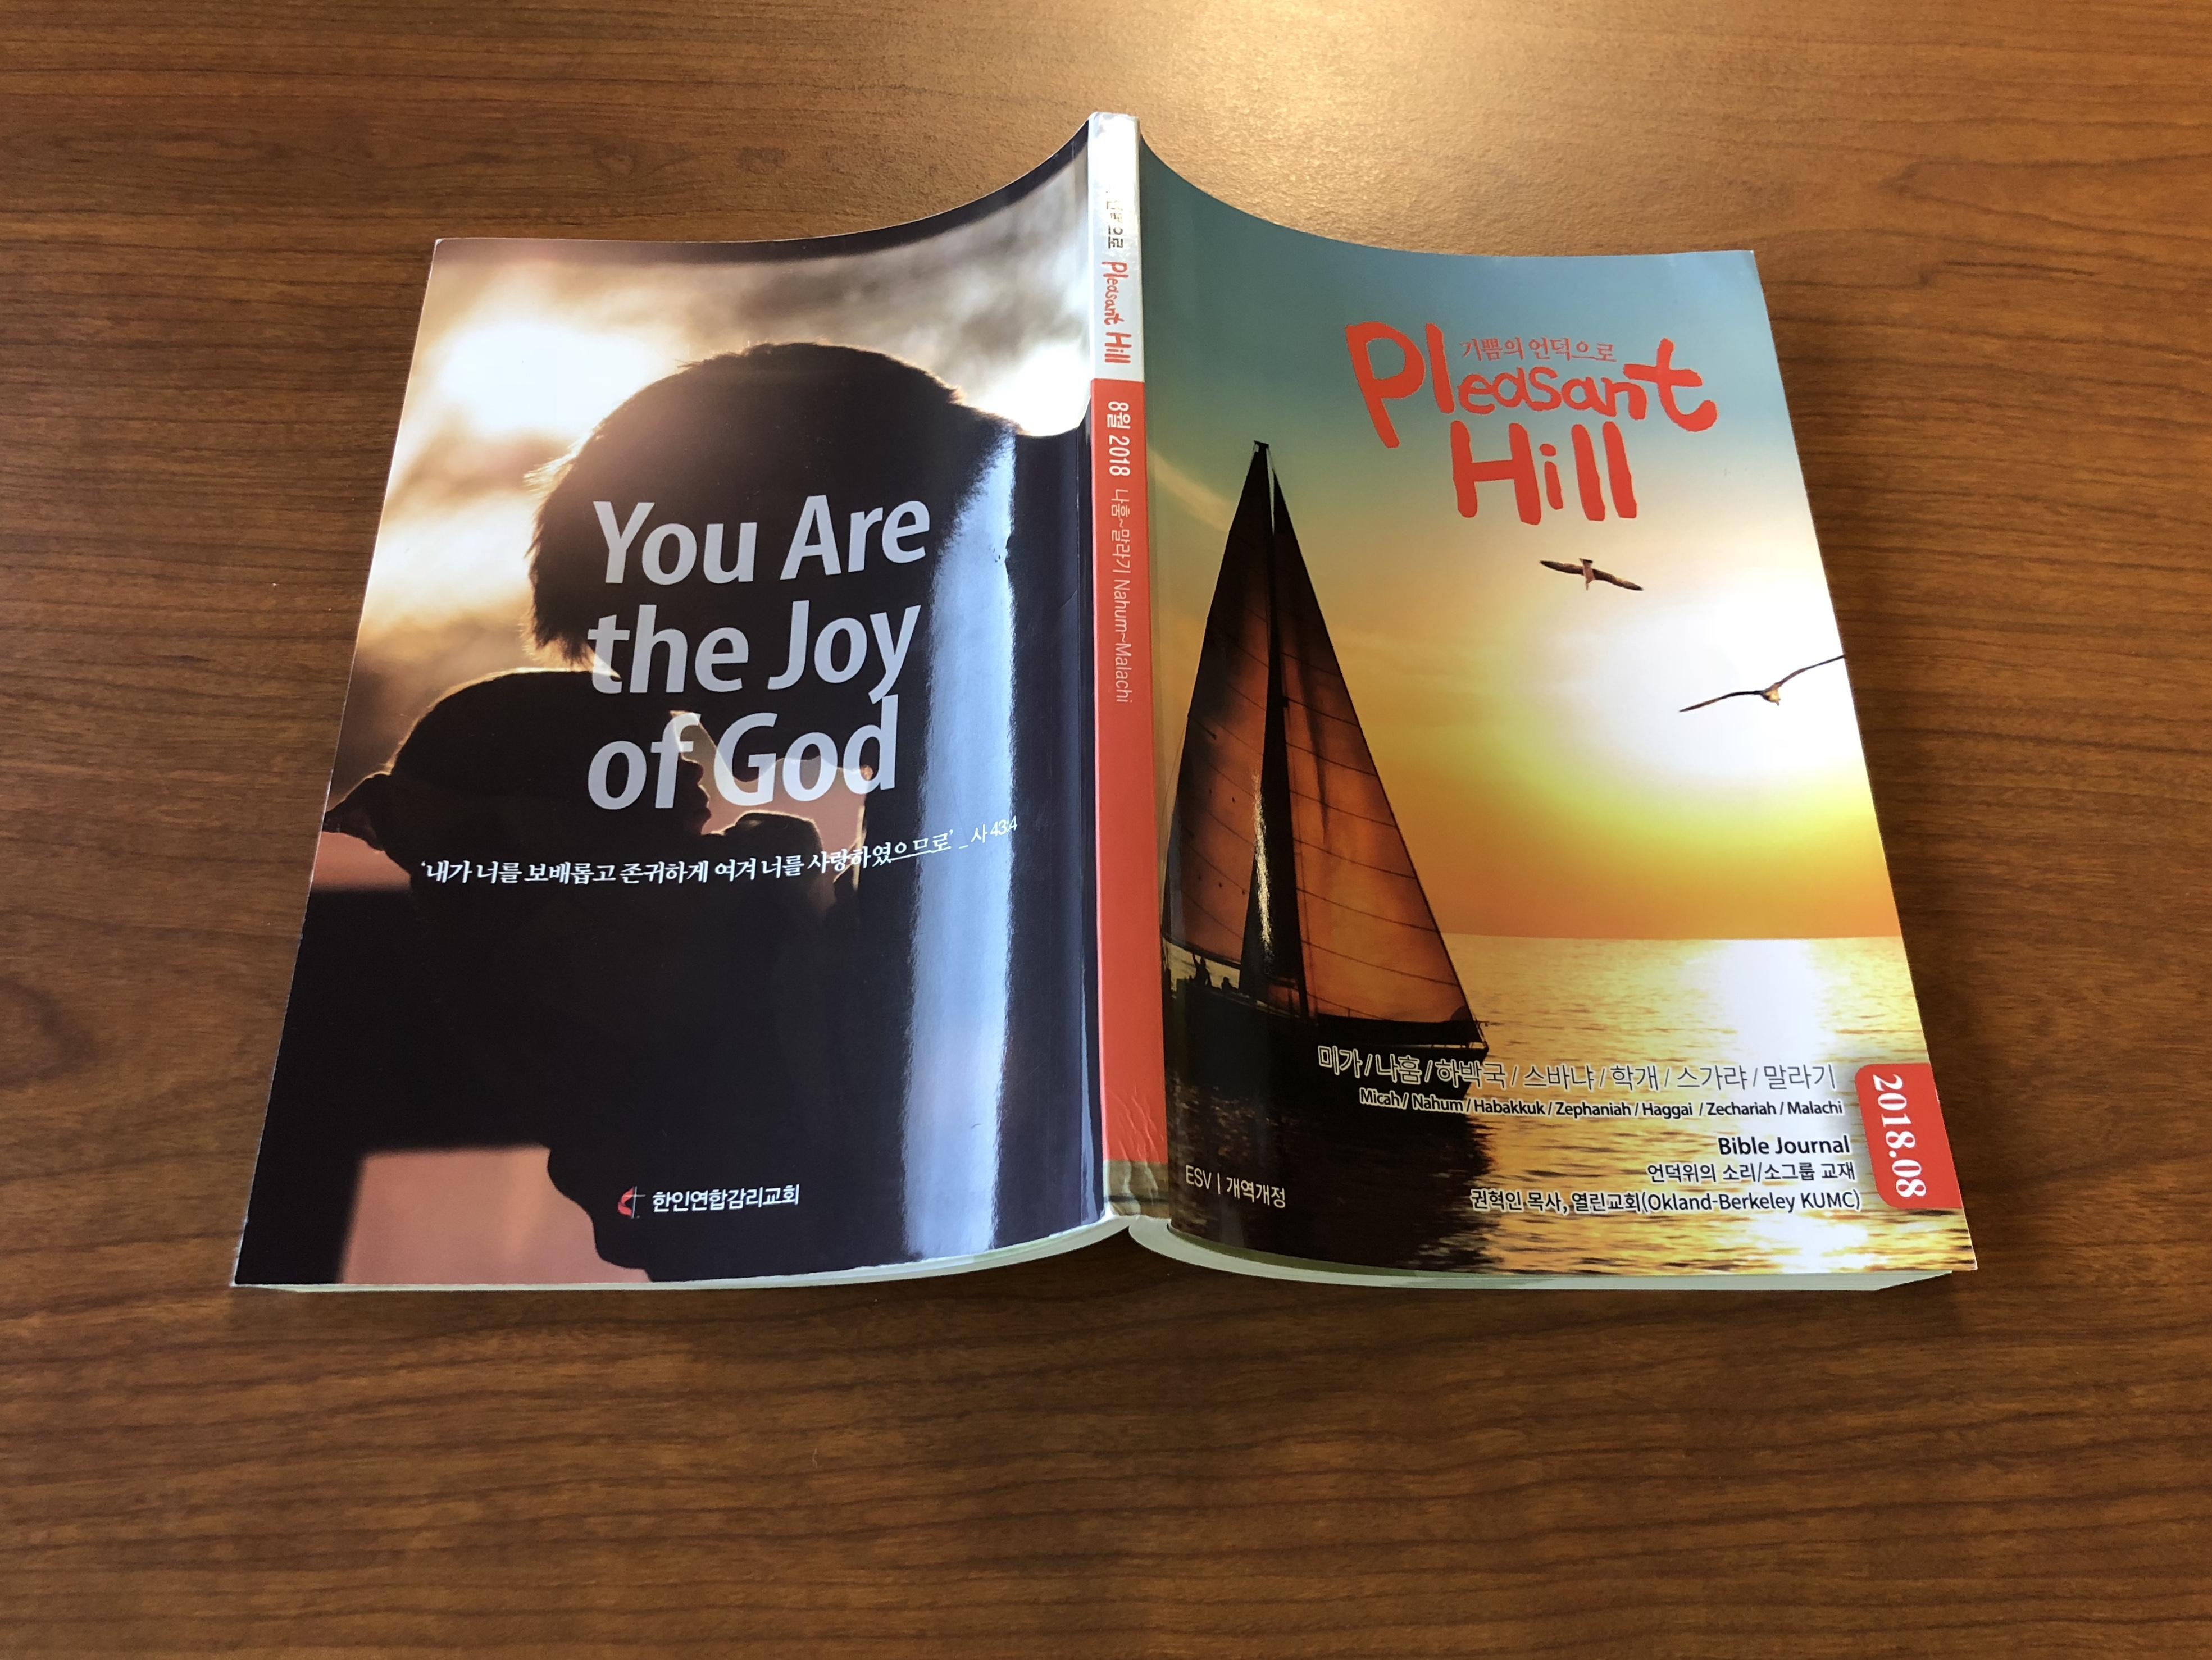 <기쁨의 언덕>은 한인연합감리교회의 월간 묵상집이다. 한영으로 출판 공급되고 있다.